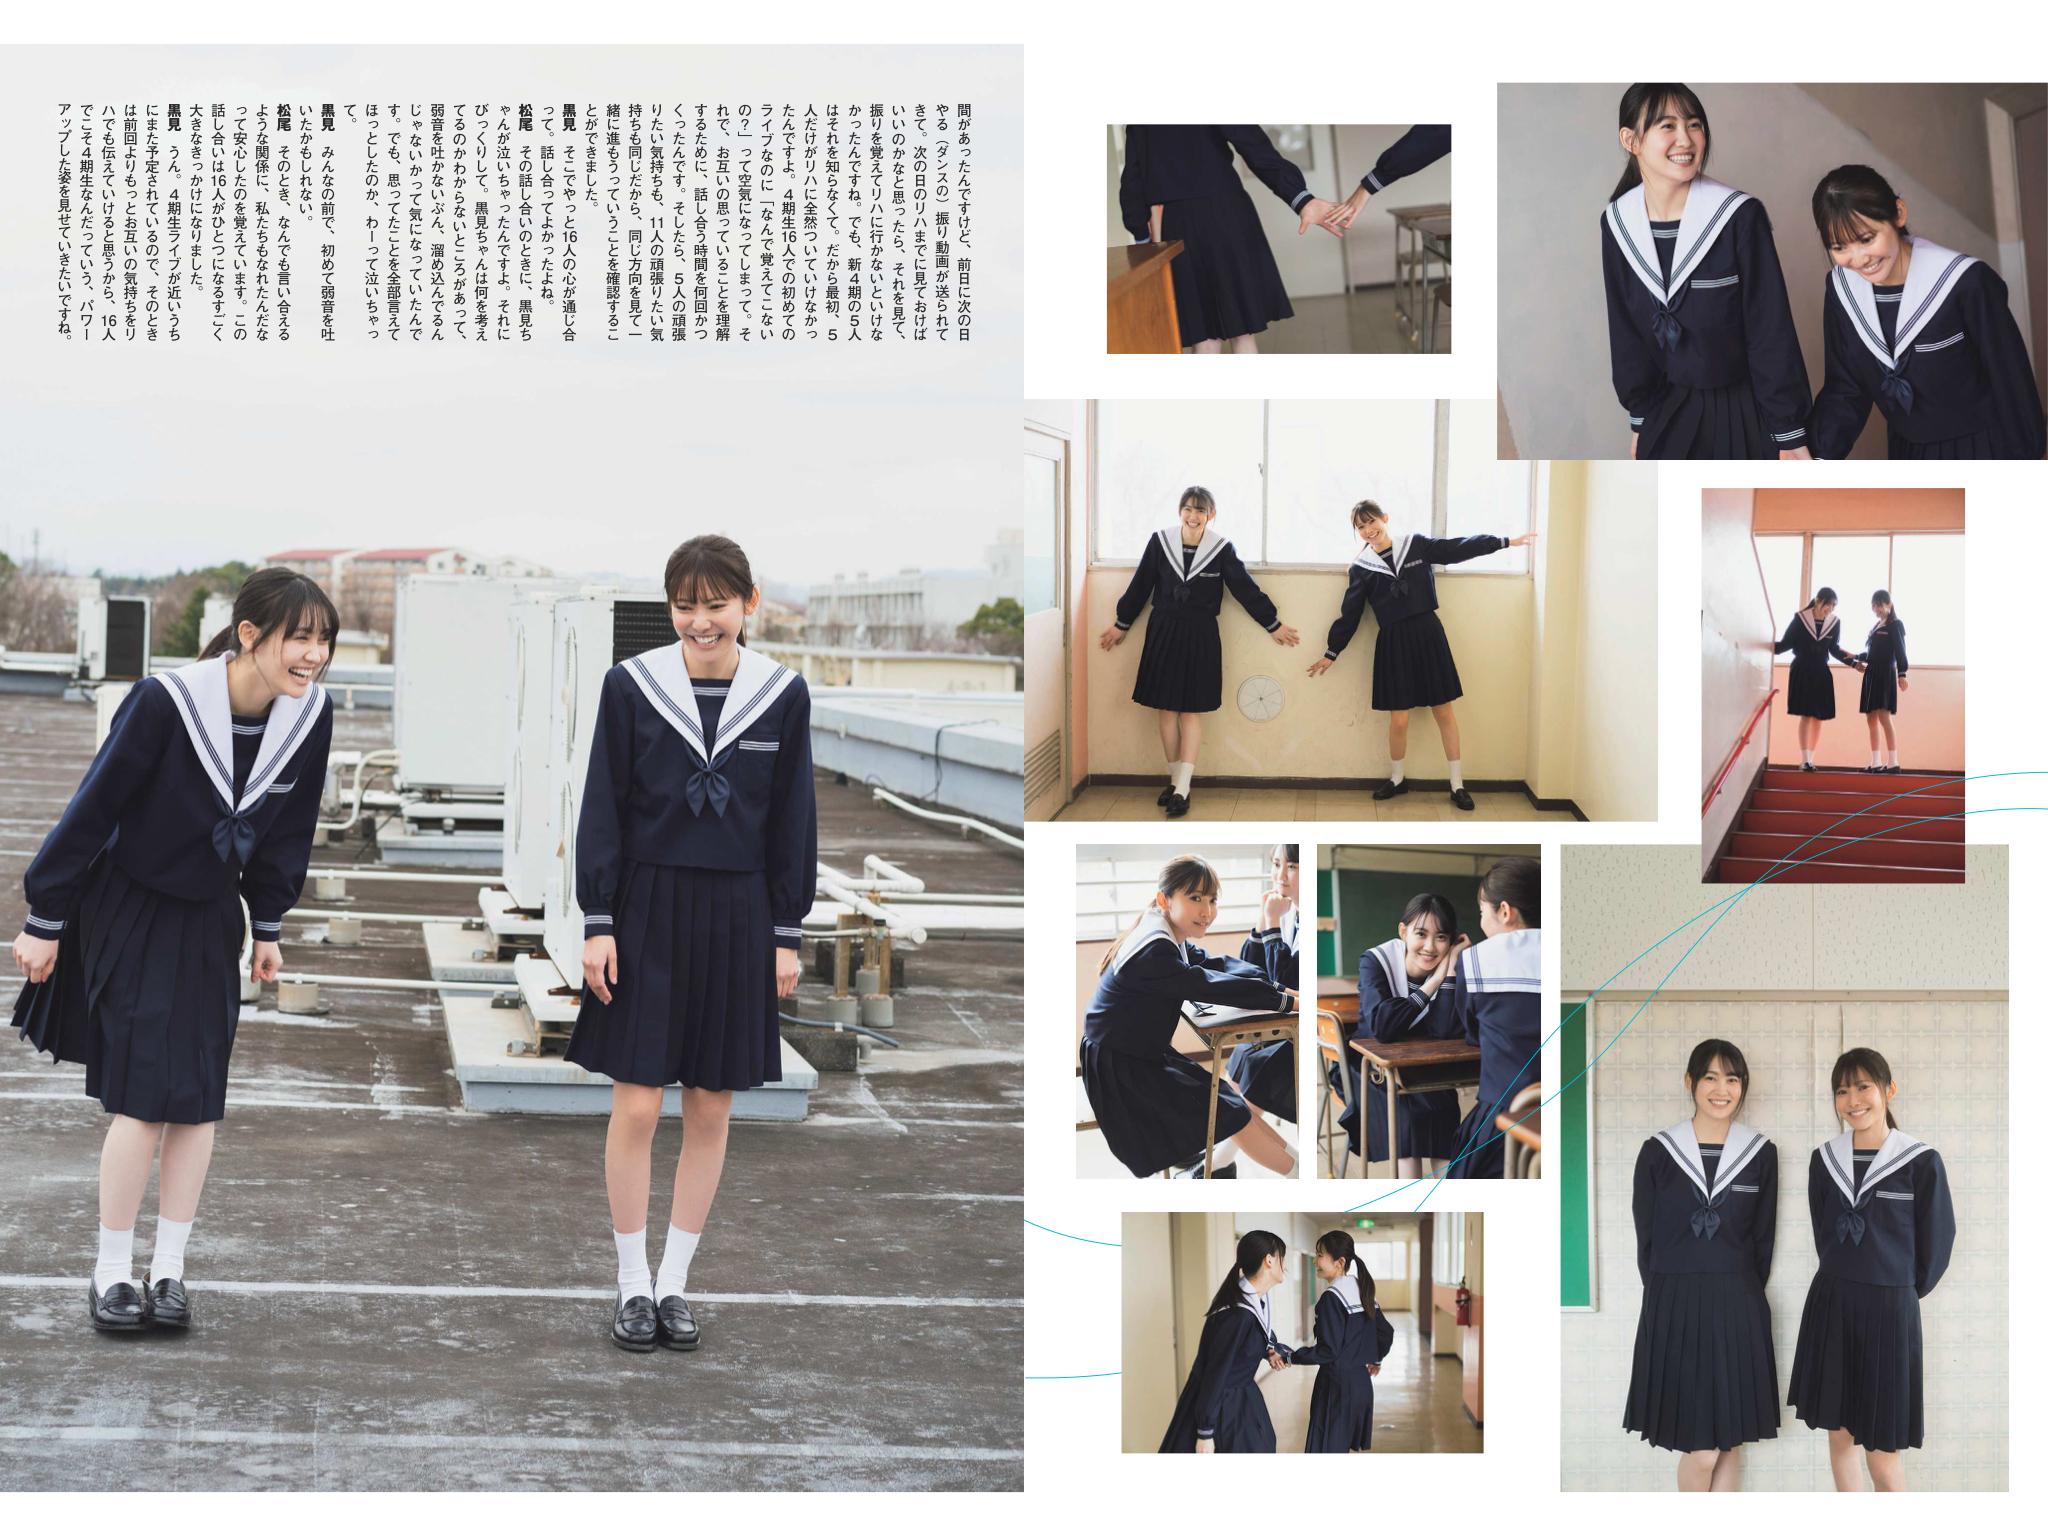 坂道系第32辑 高清套图 第10张